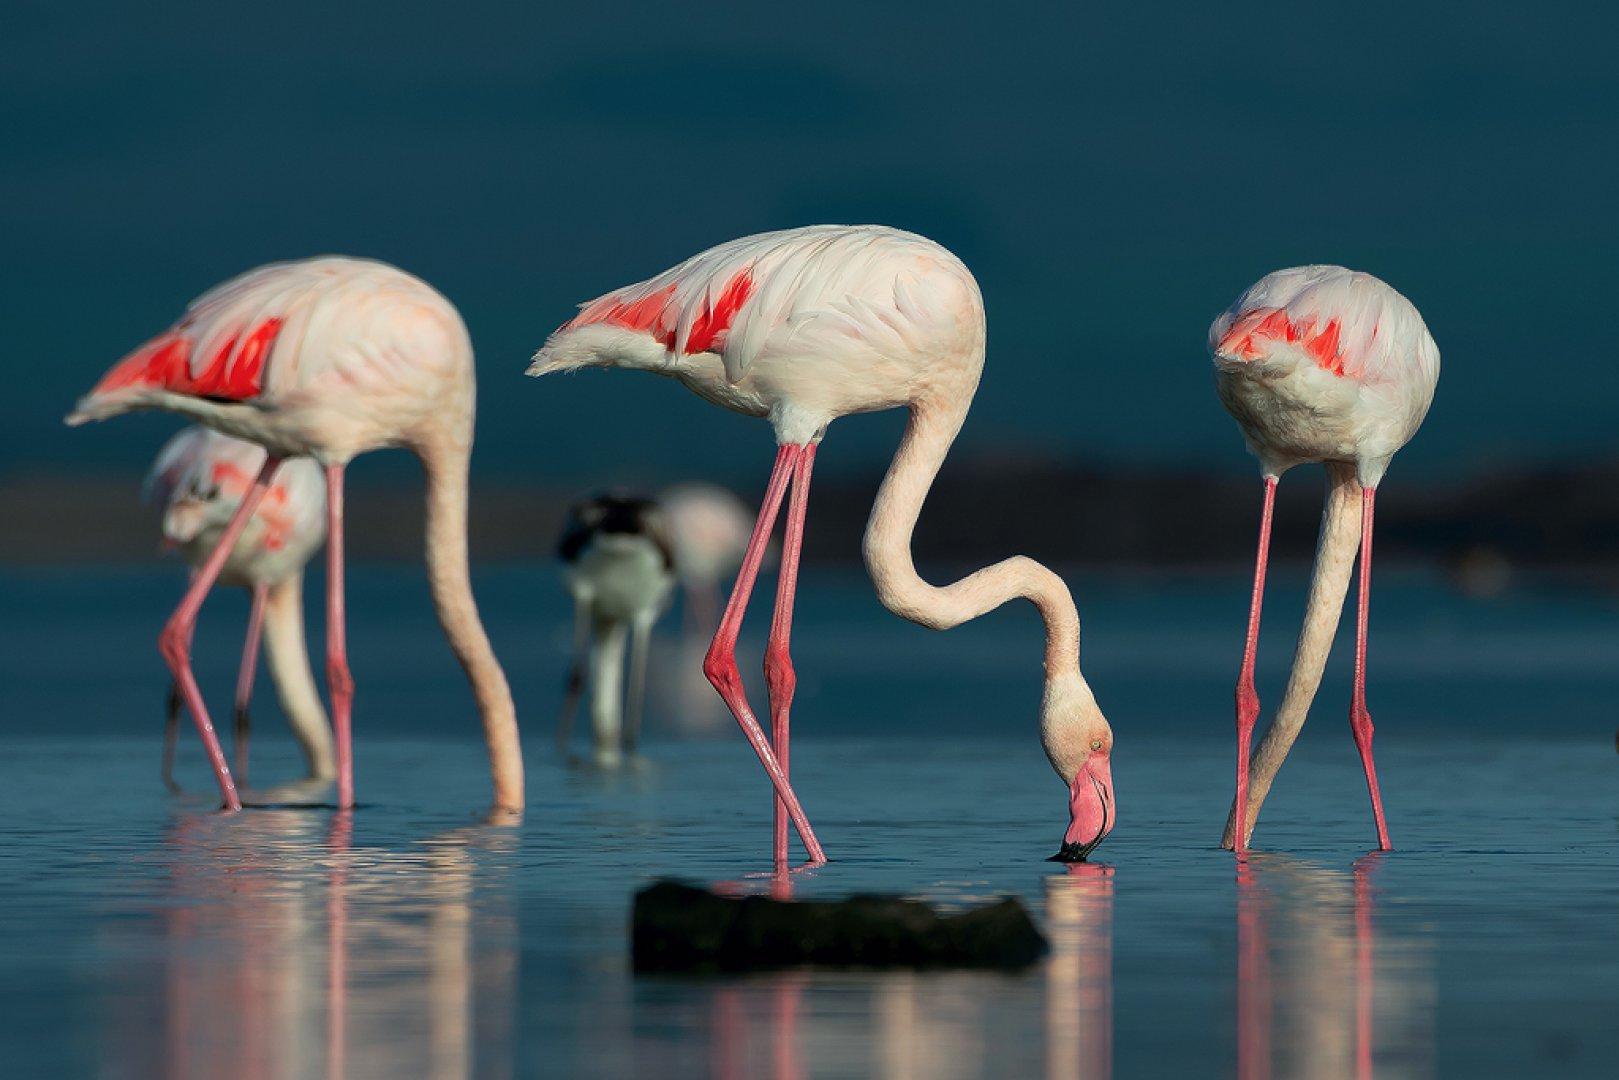 Розовото фламинго е сред най-красивите птици и може да се види и в Атанасовското езеро. Снимки Драгомир Георгиев